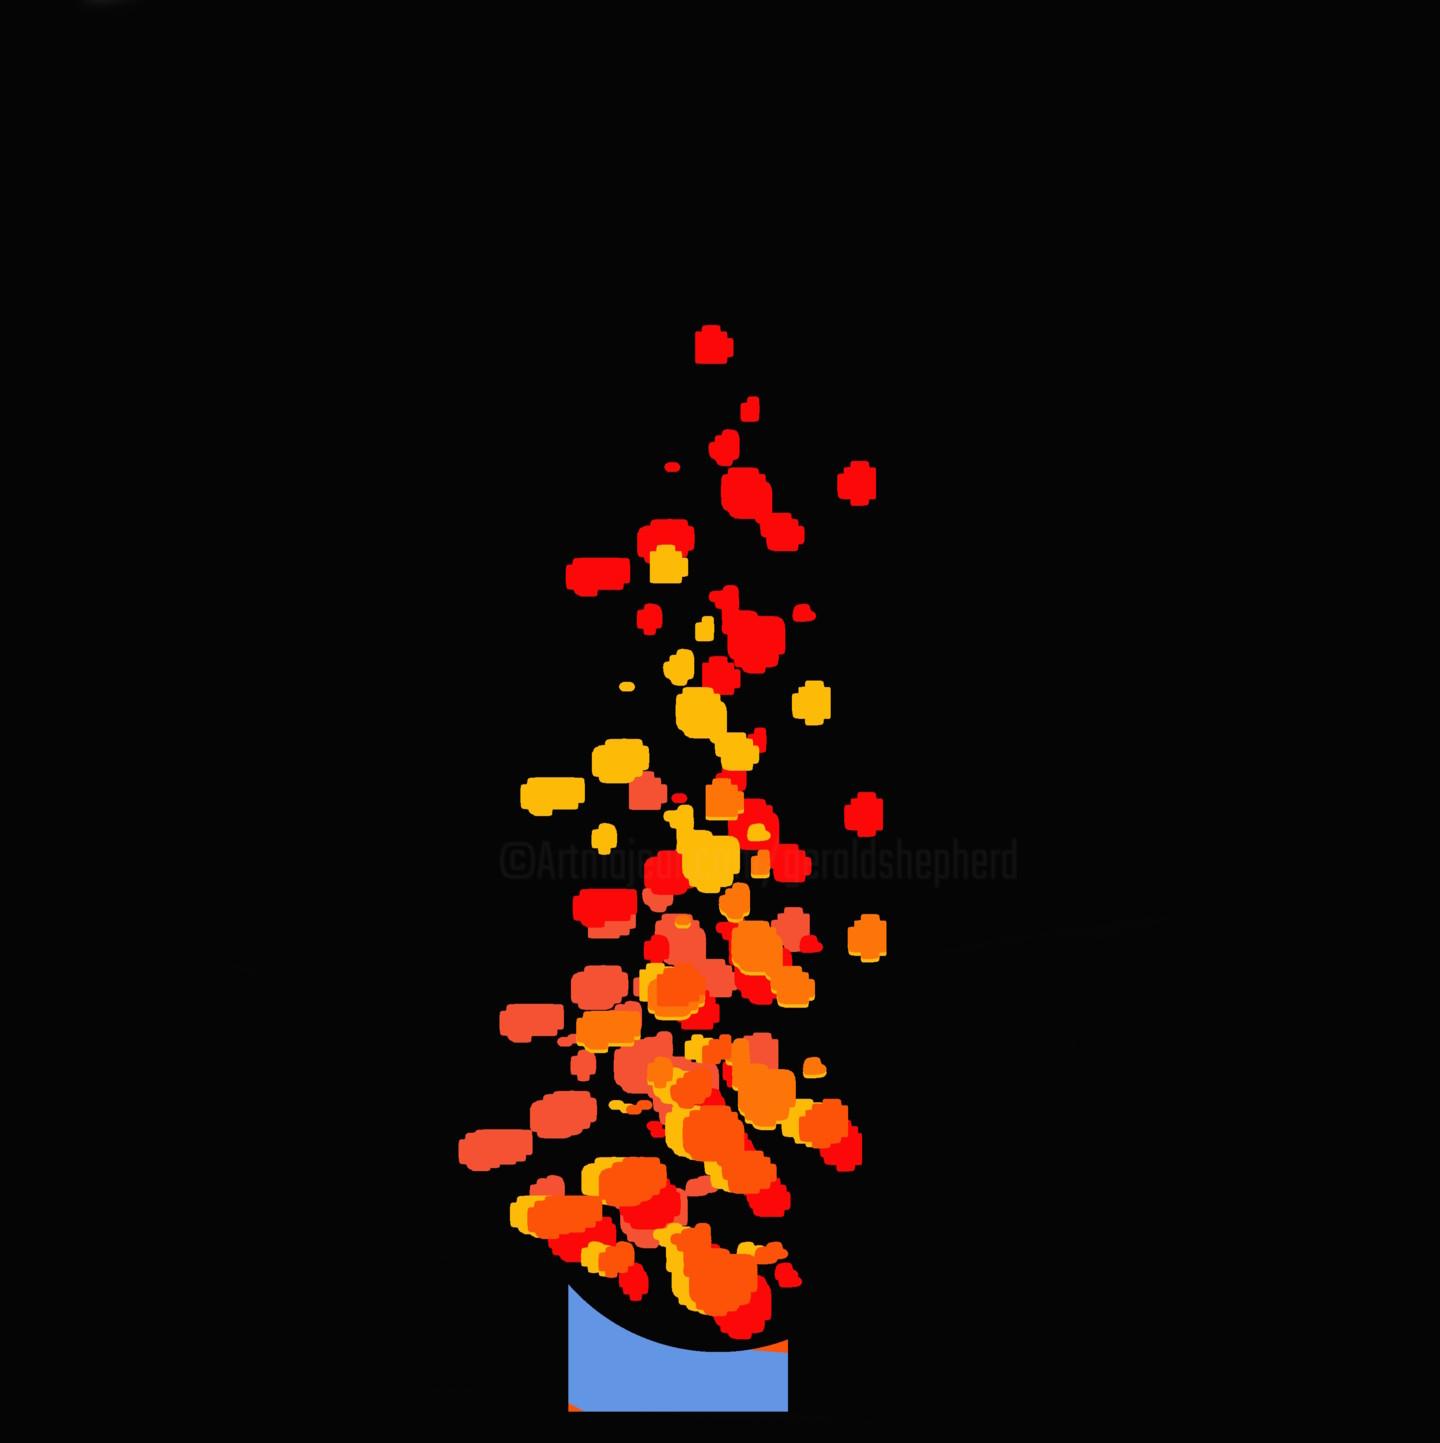 Gerald Shepherd - Fire From Below